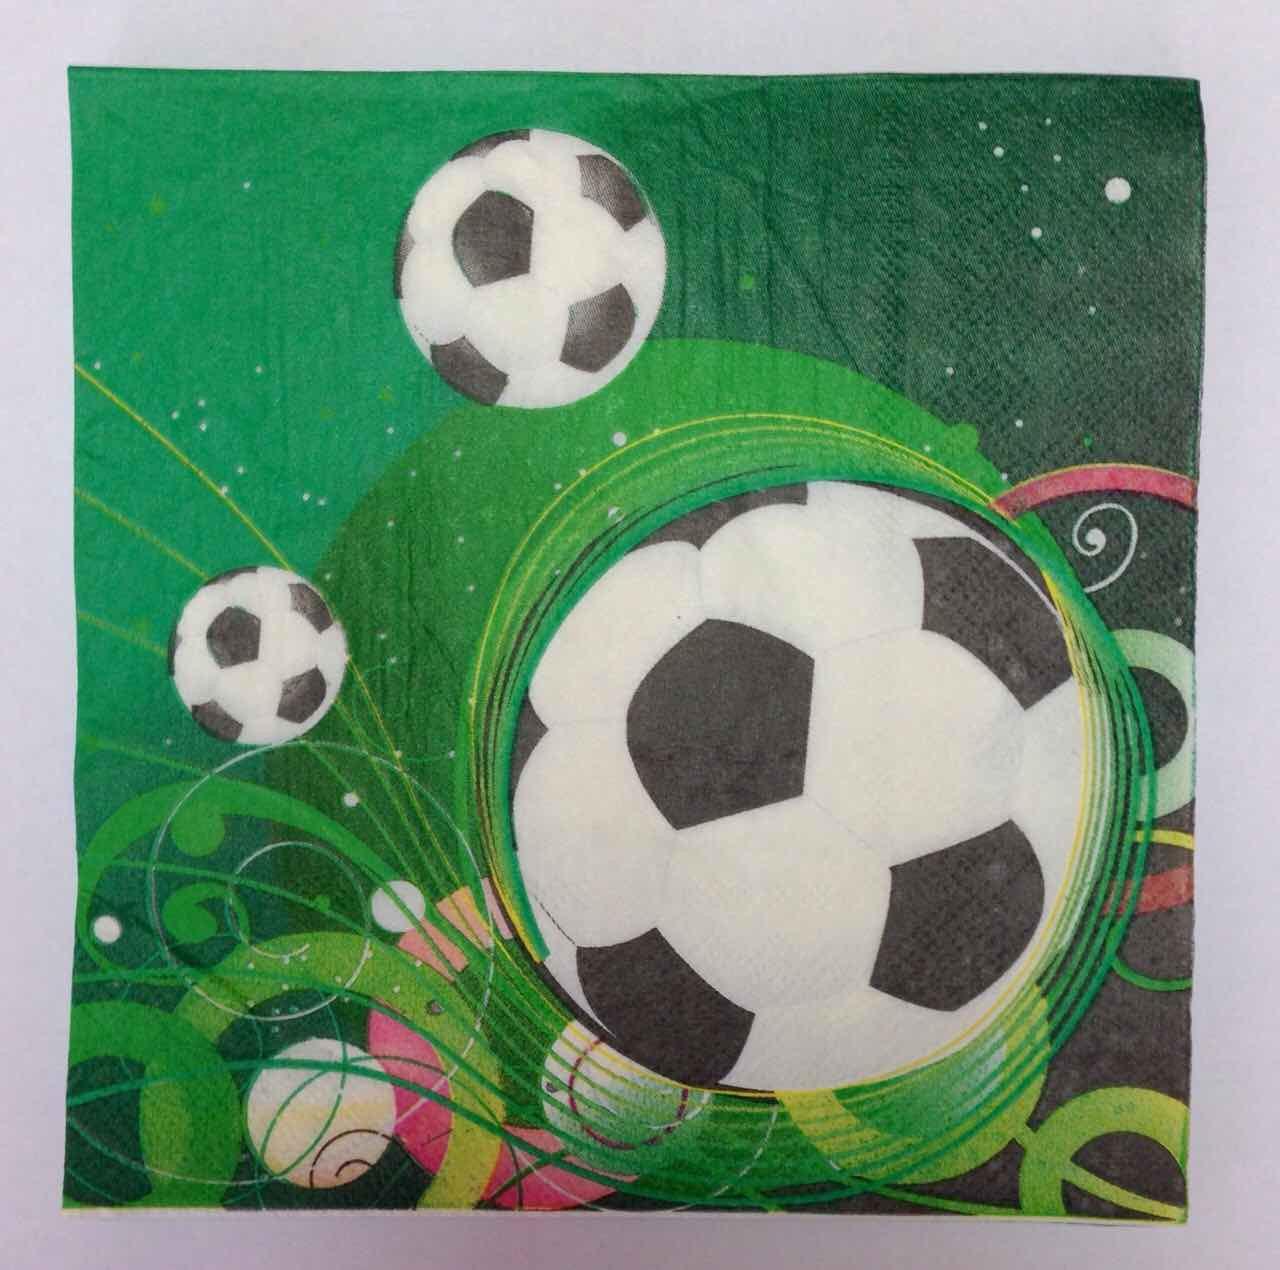 Салфетки футбол, футбольная вечеринка 10шт